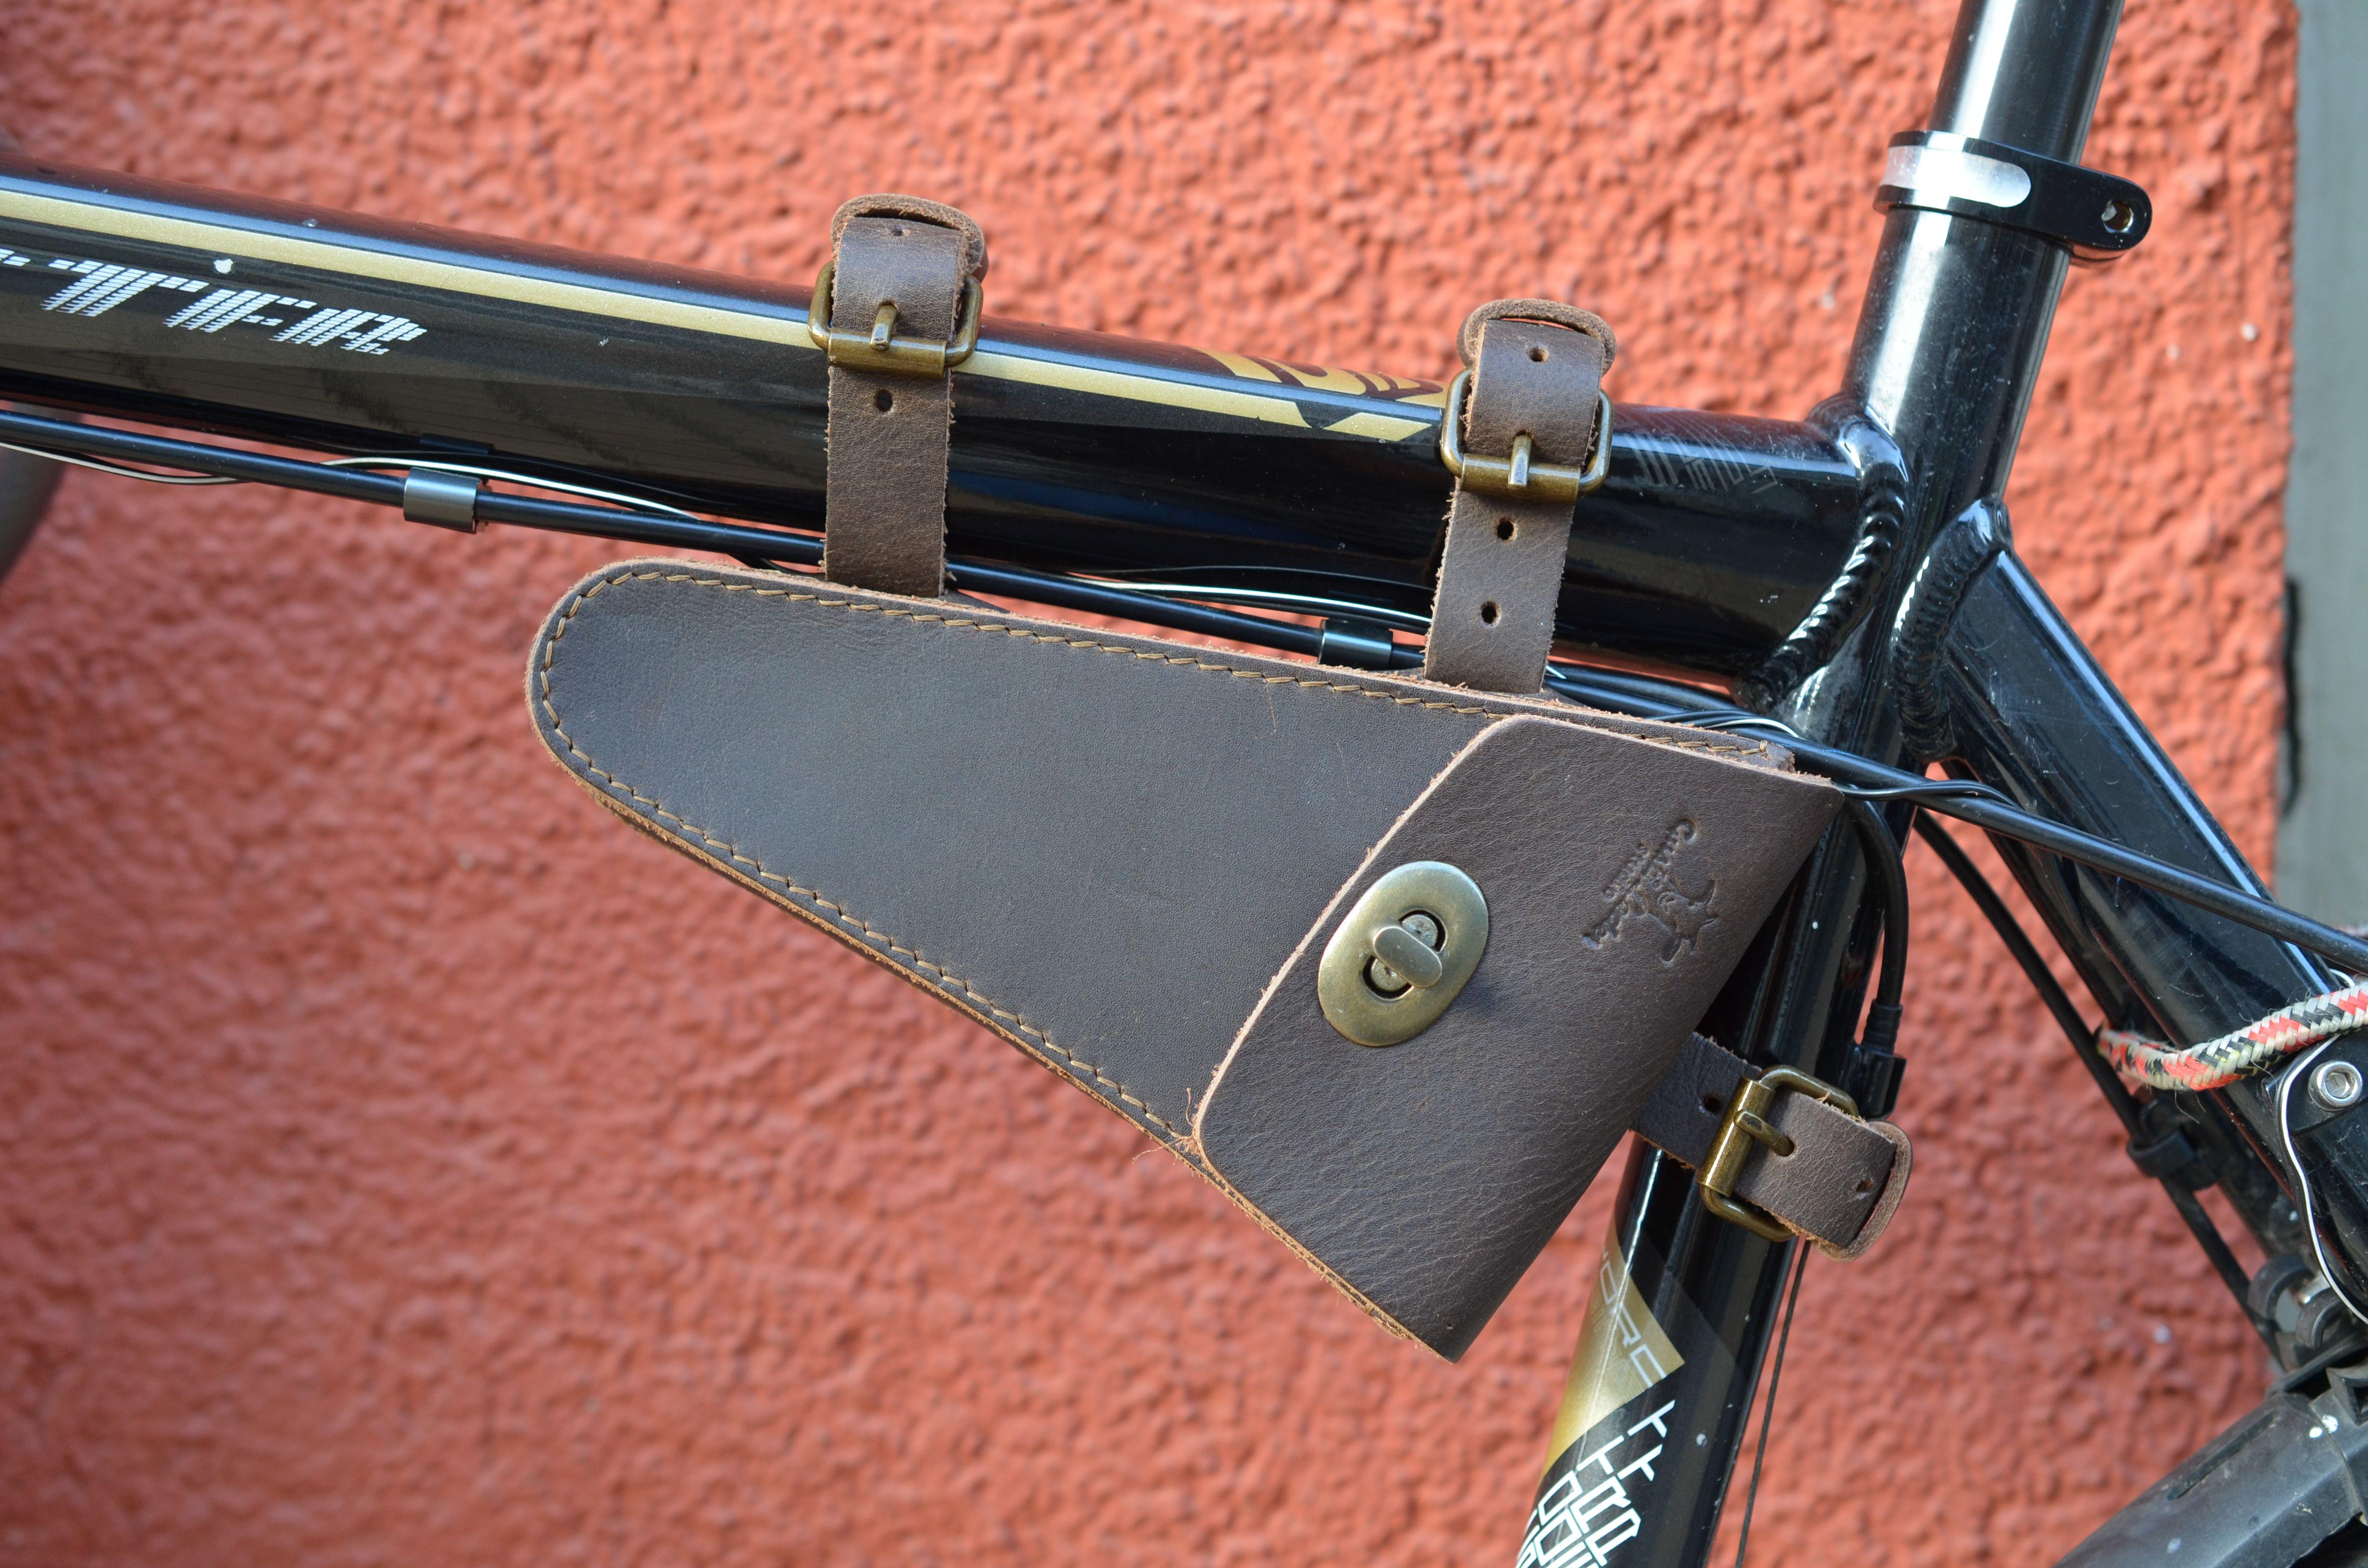 fahrradtasche fahrrad werkzeugtasche klein verschiedene. Black Bedroom Furniture Sets. Home Design Ideas